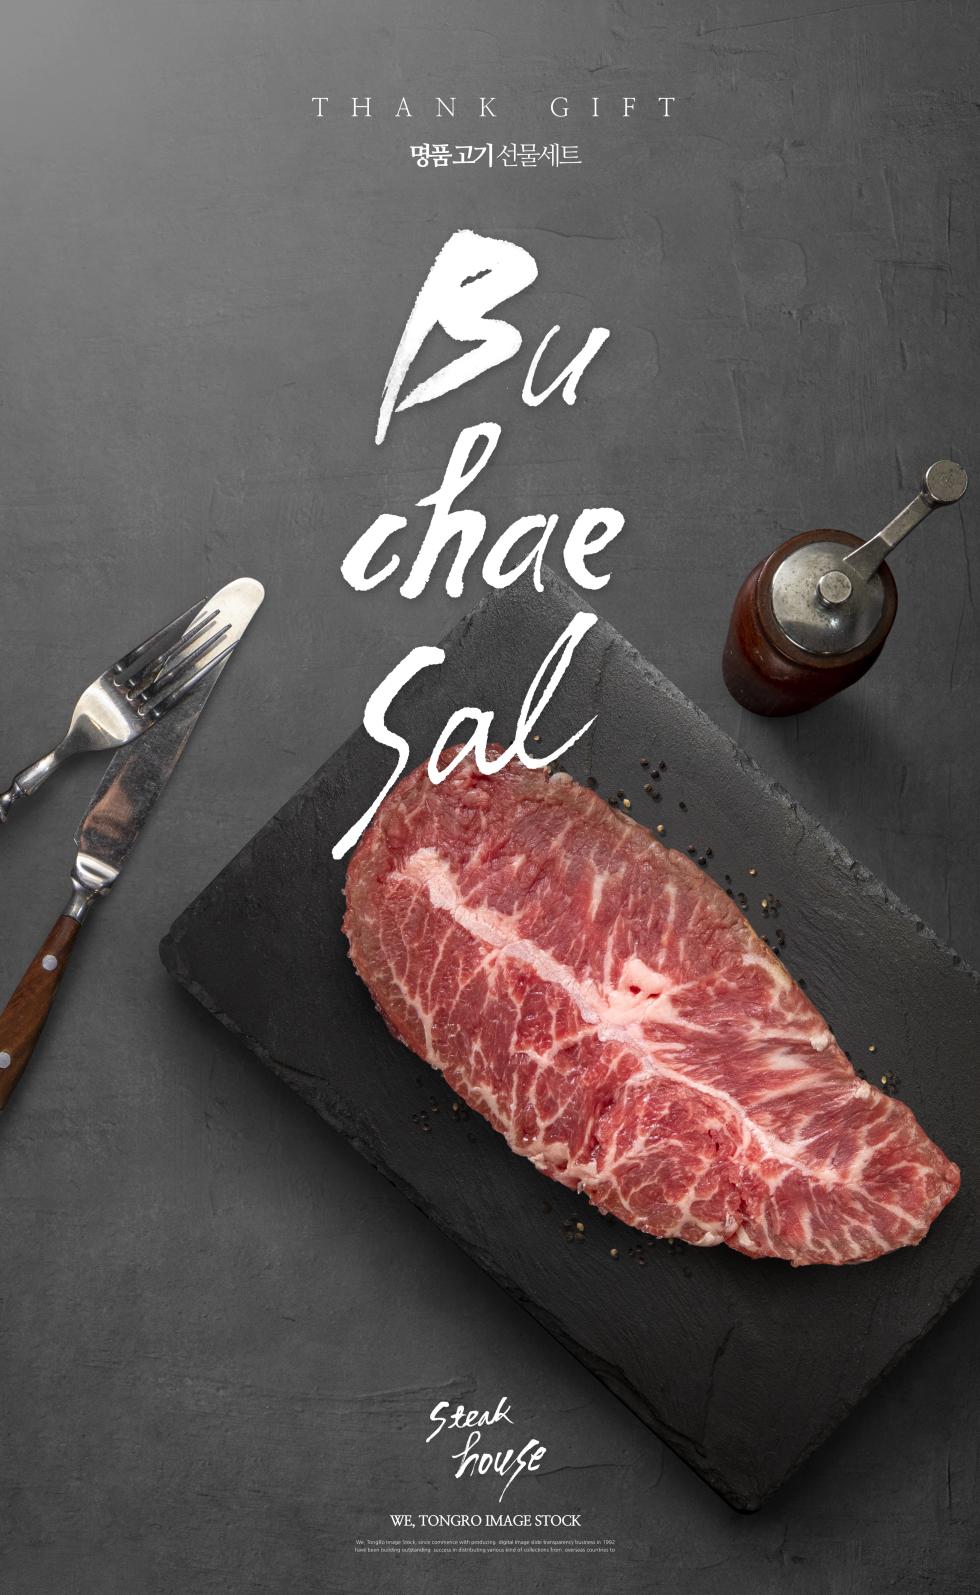 美味烤肉海报设计